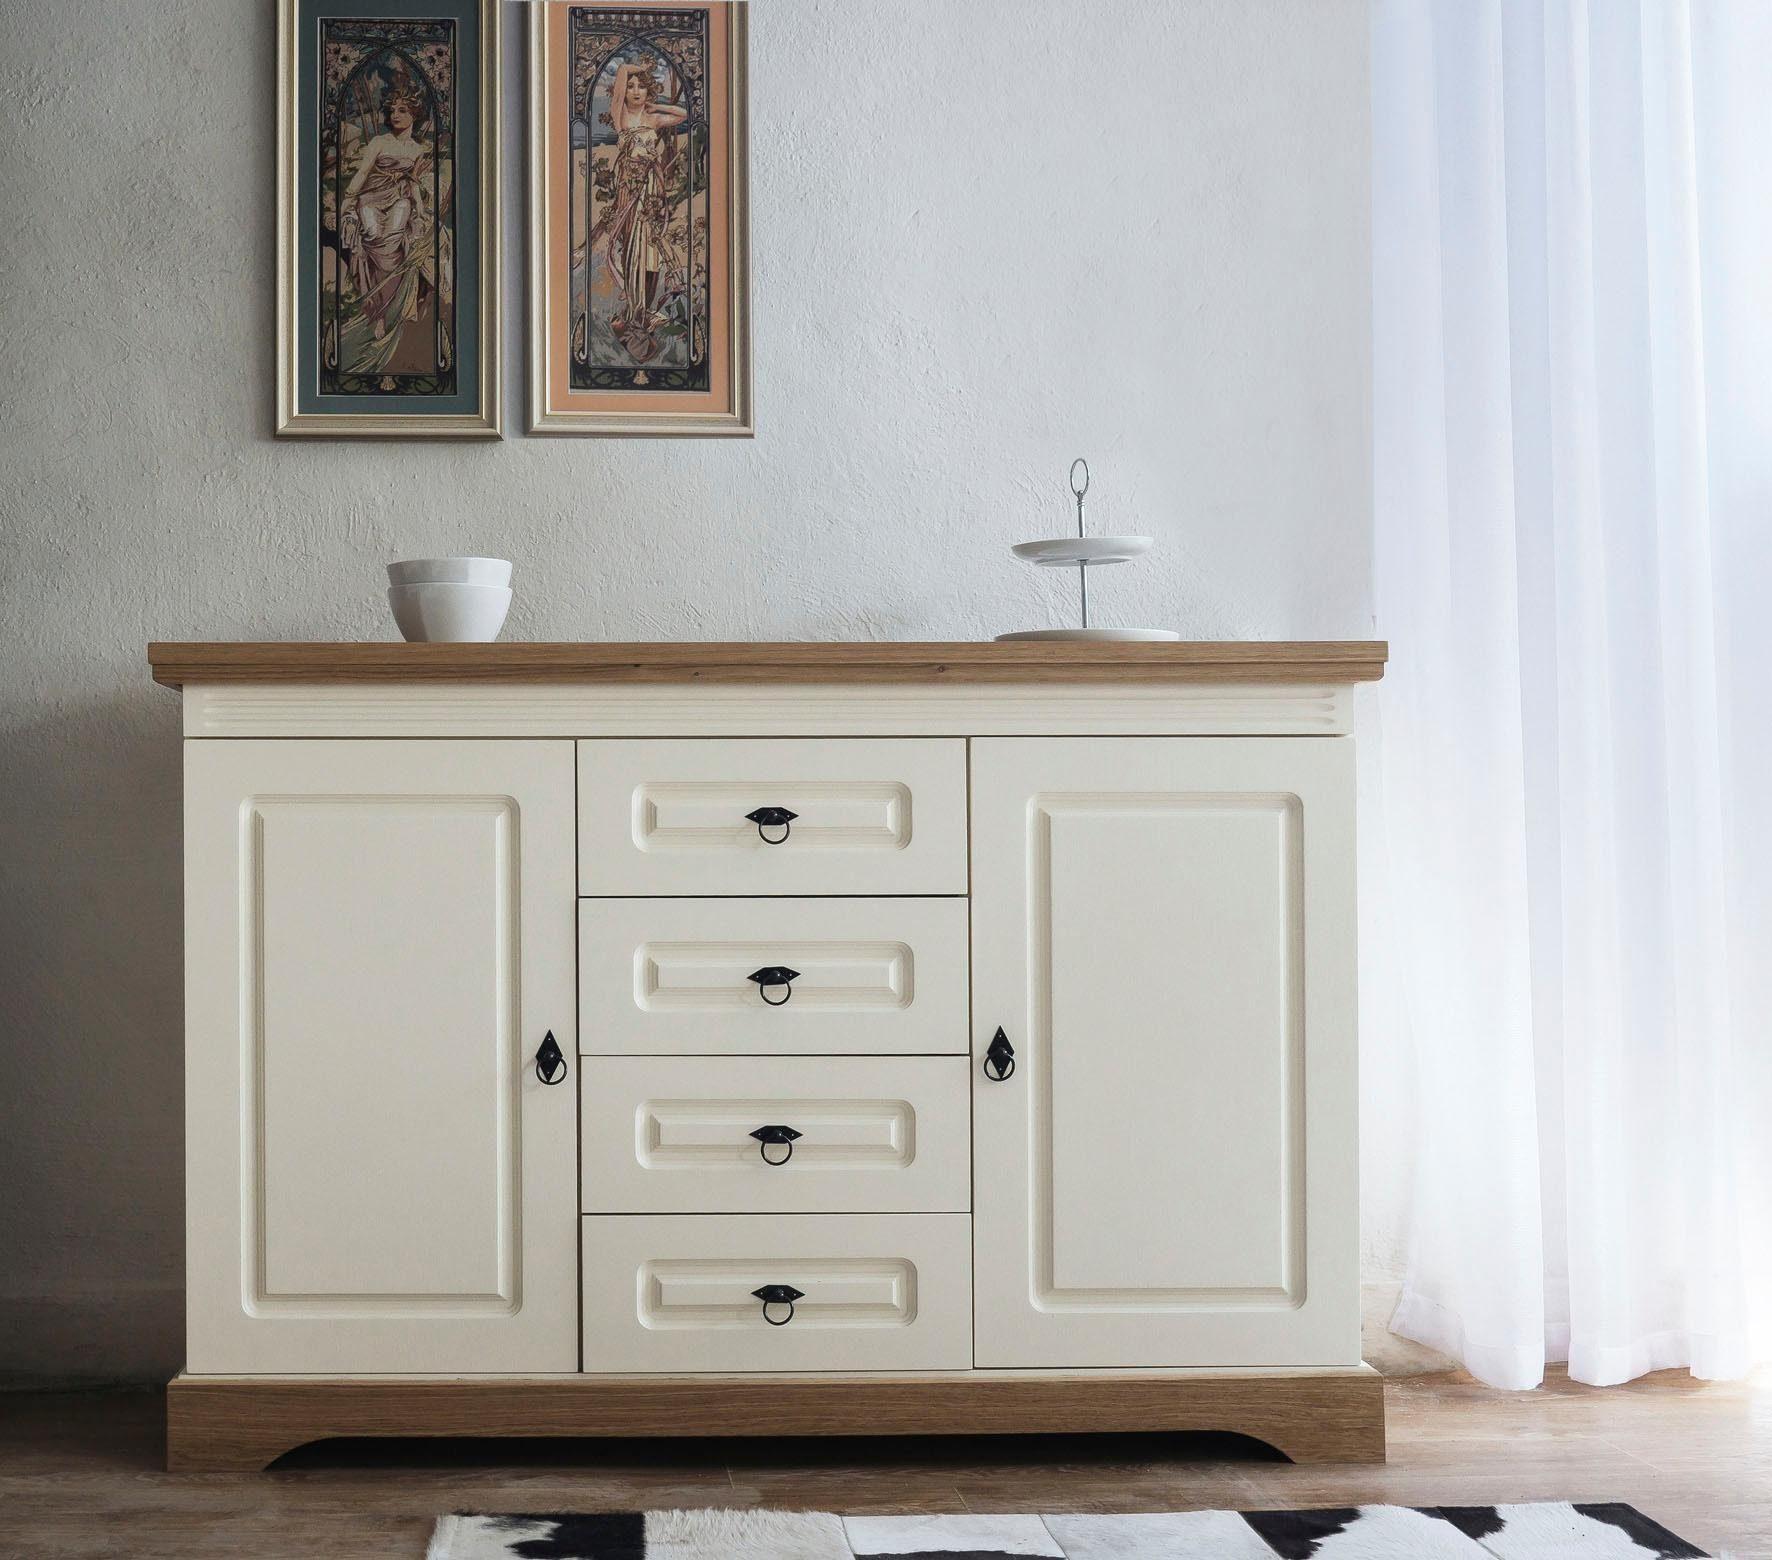 Home affaire Sideboard »Provence« mit 2 Türen und 4 Schubladen, Breite 137 cm